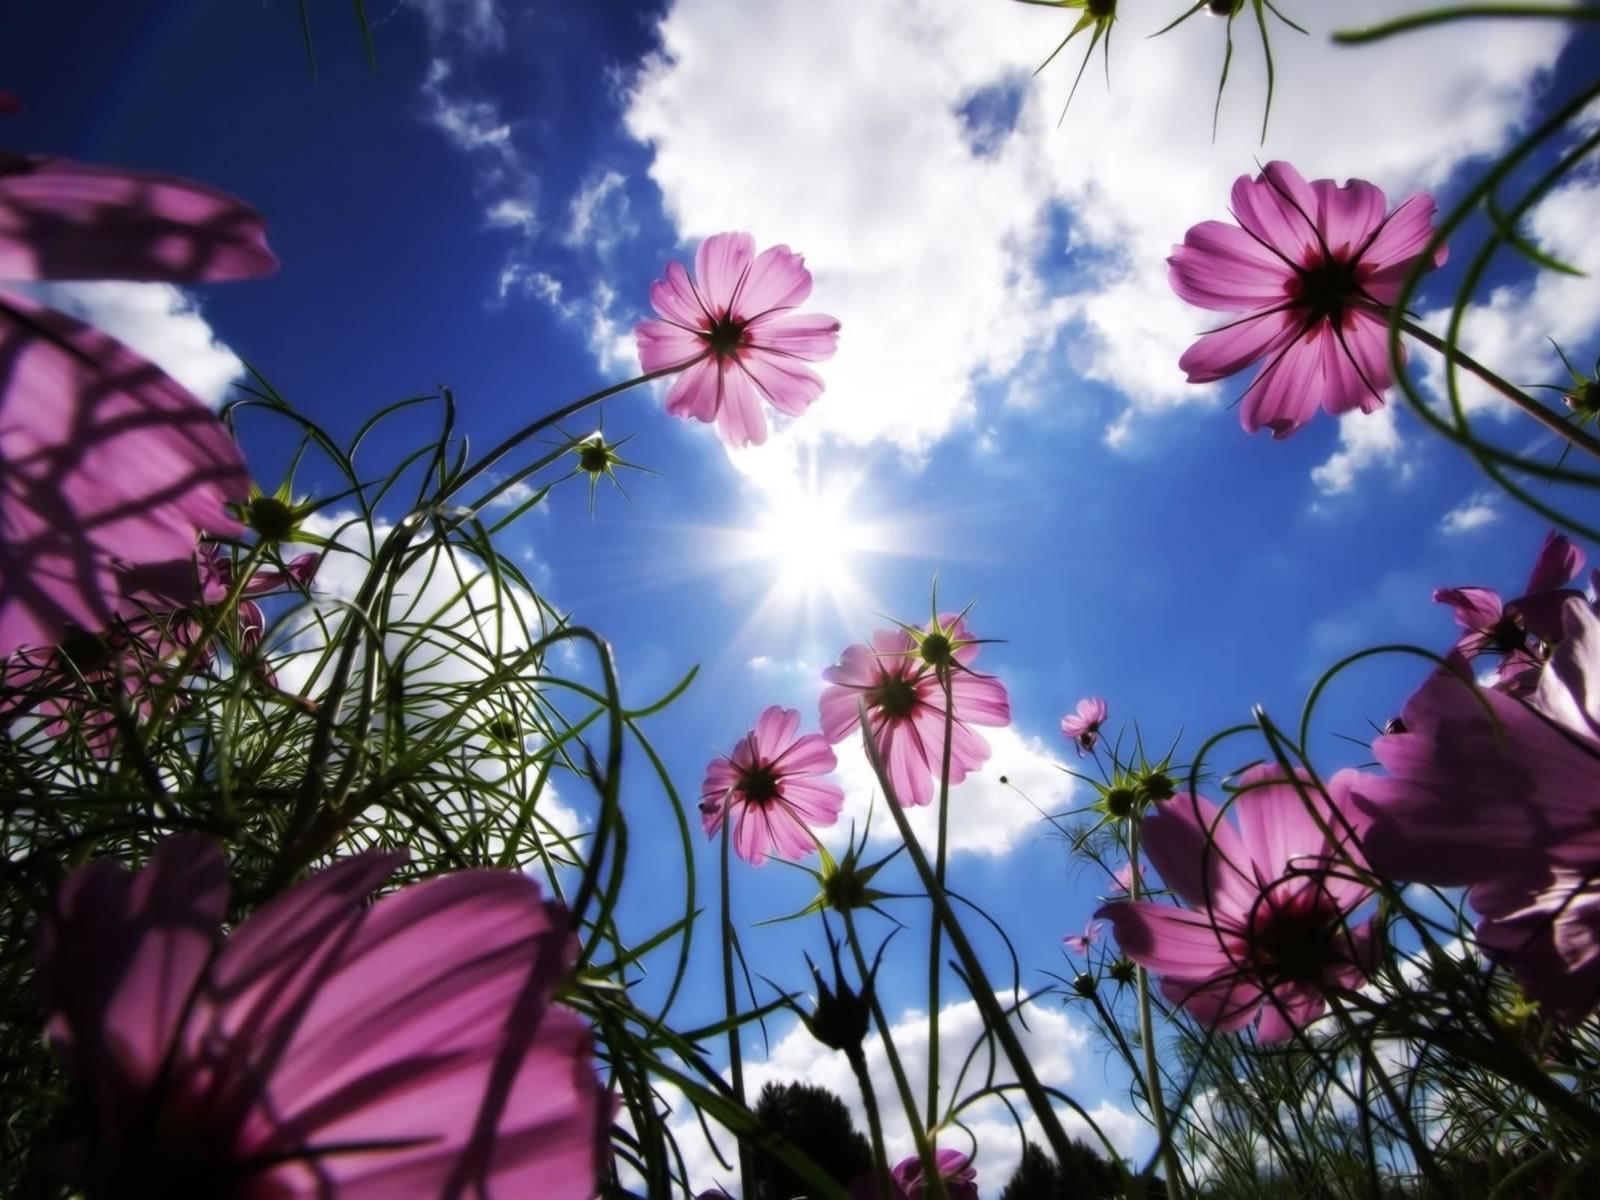 http://4.bp.blogspot.com/_RAlP3BmEW1Q/TQNbZNe75AI/AAAAAAAABAk/zbBmNhA2VSQ/s1600/Bloemen-achtergronden-bloemen-wallpapers-9.jpg